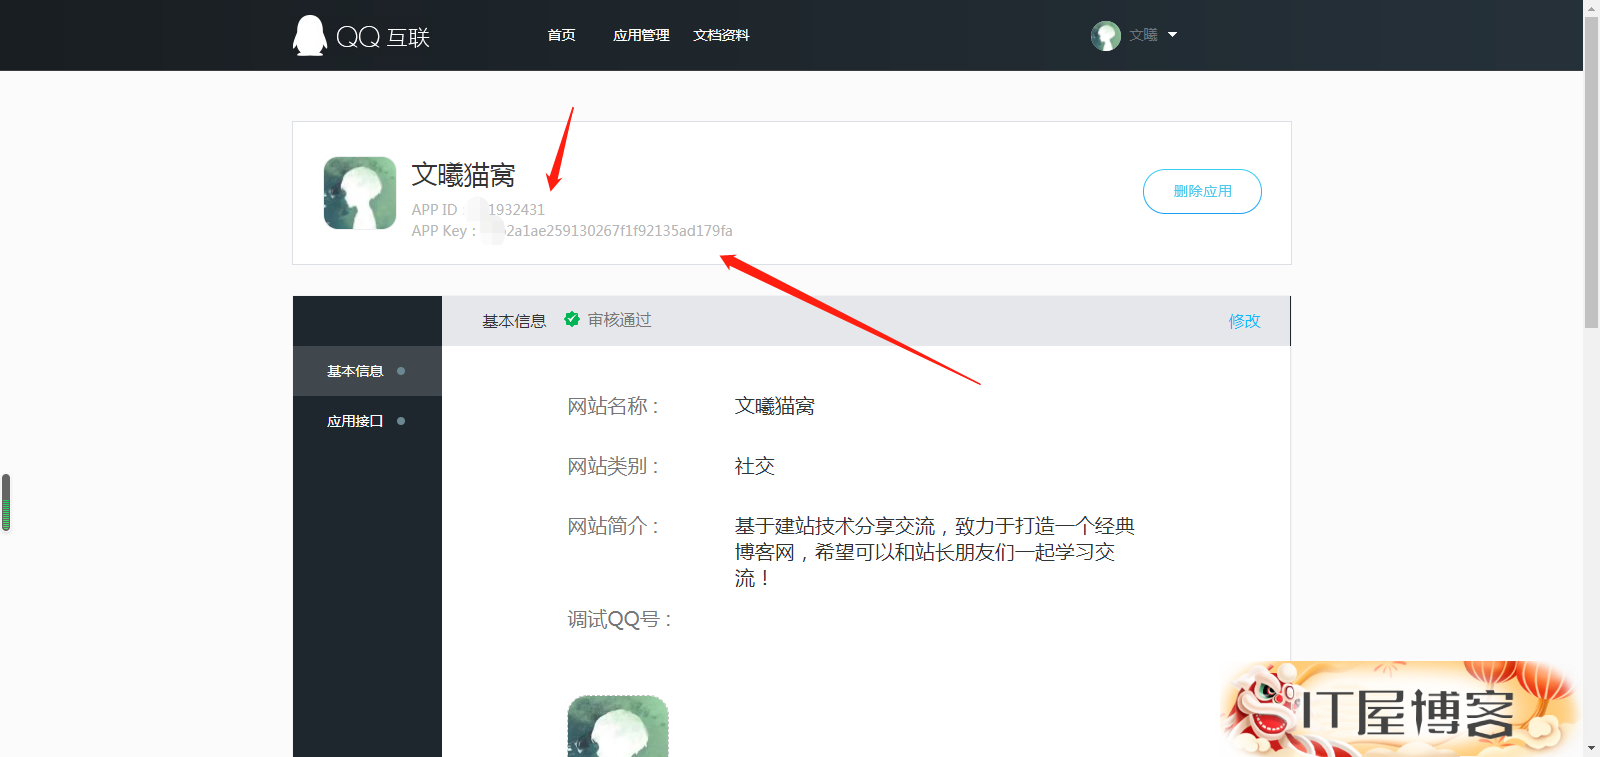 申请成为QQ互联个人开发者步骤(注意事项)【2021最新】  申请成为QQ互联 第10张